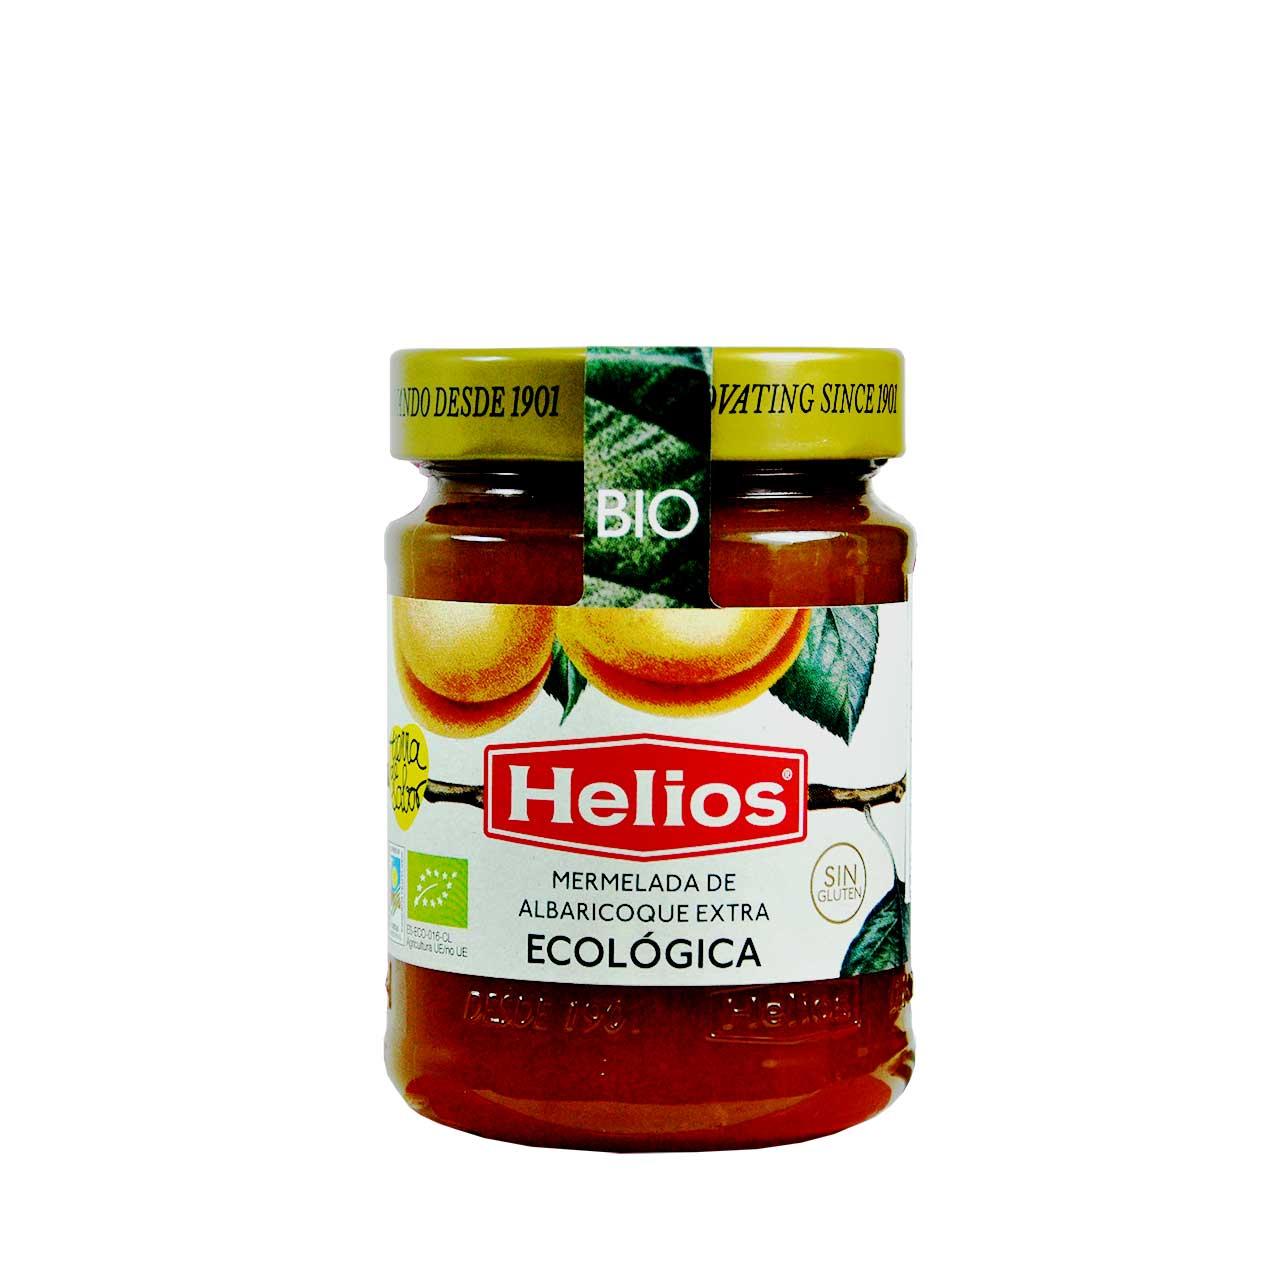 مارمالاد زردآلو ارگانیک بدون گلوتن هلیوس – helios